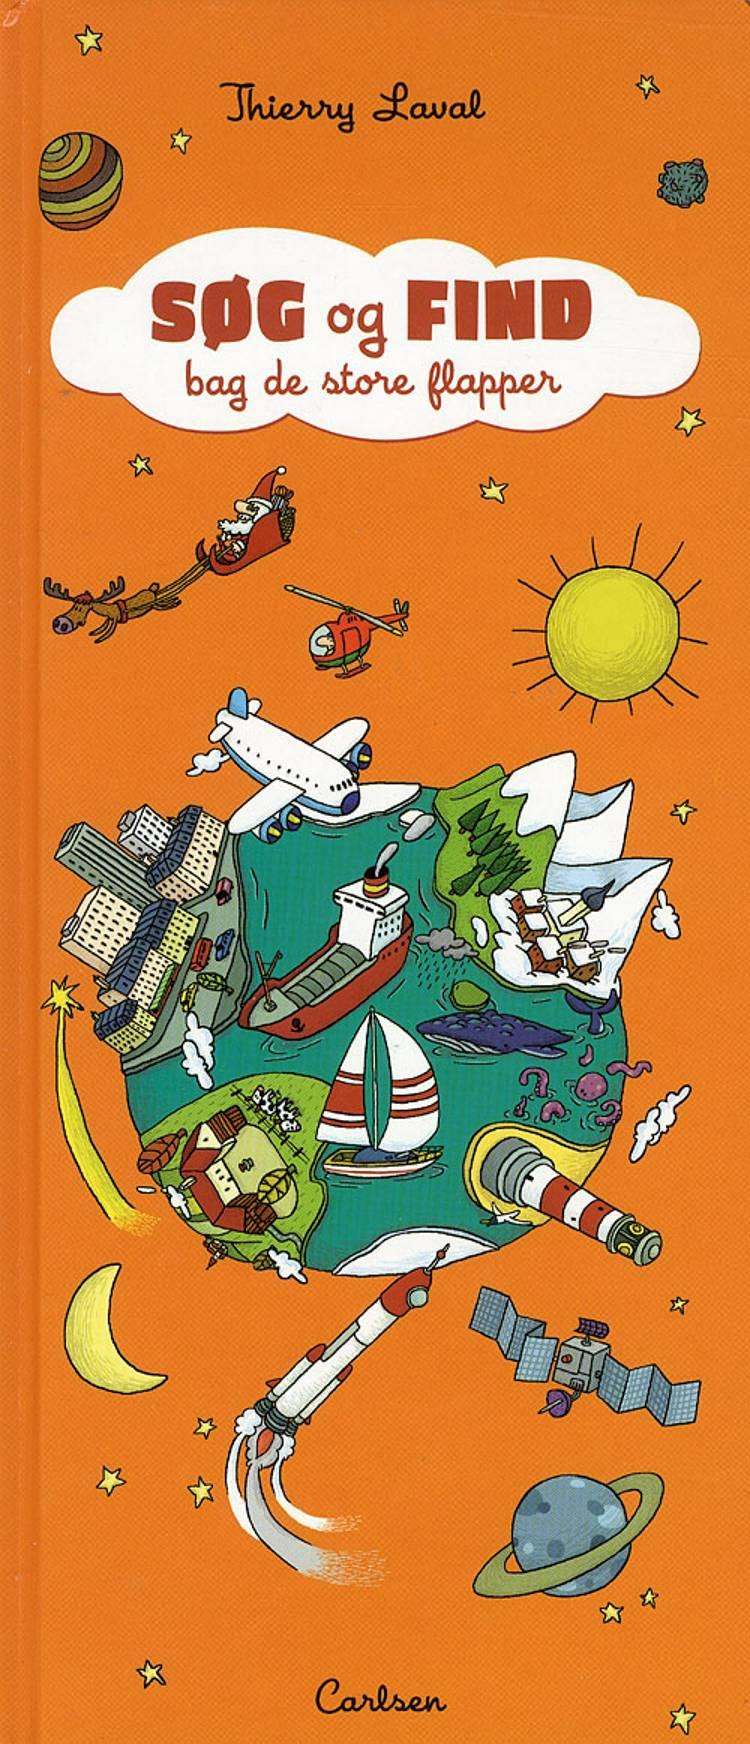 Søg og find af Thierry Laval